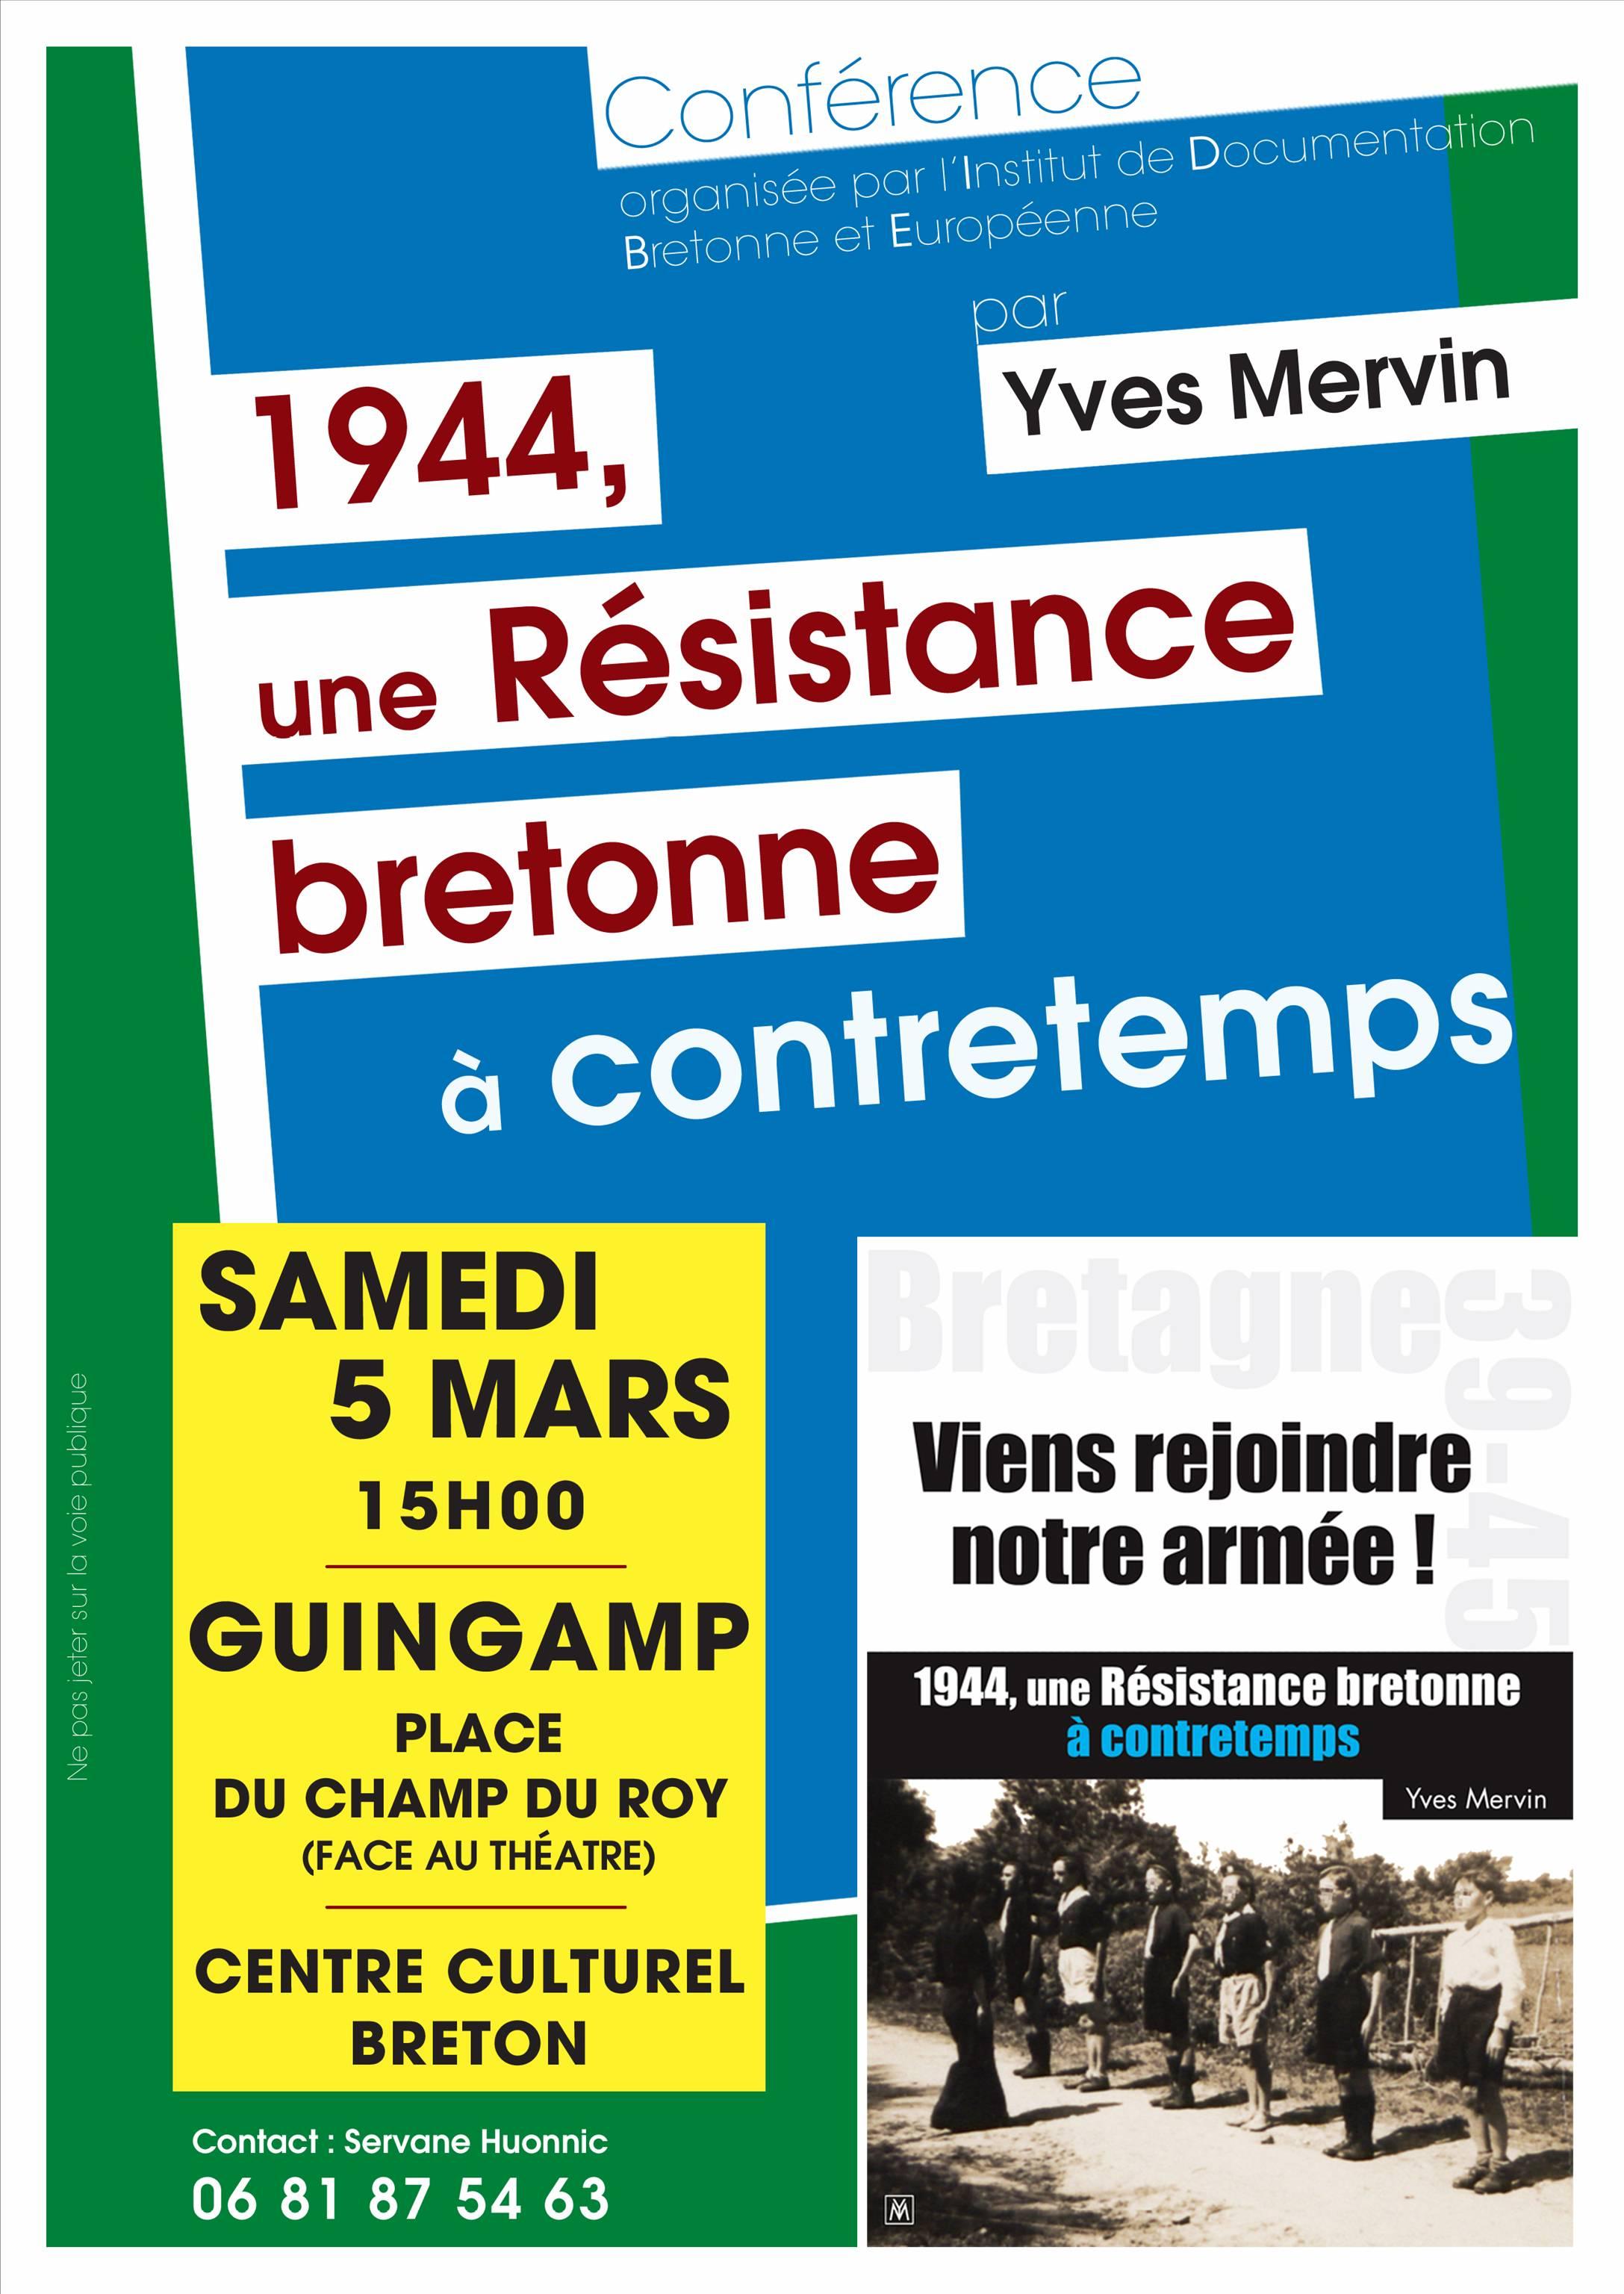 VRNA - conférence 5 mars 2016